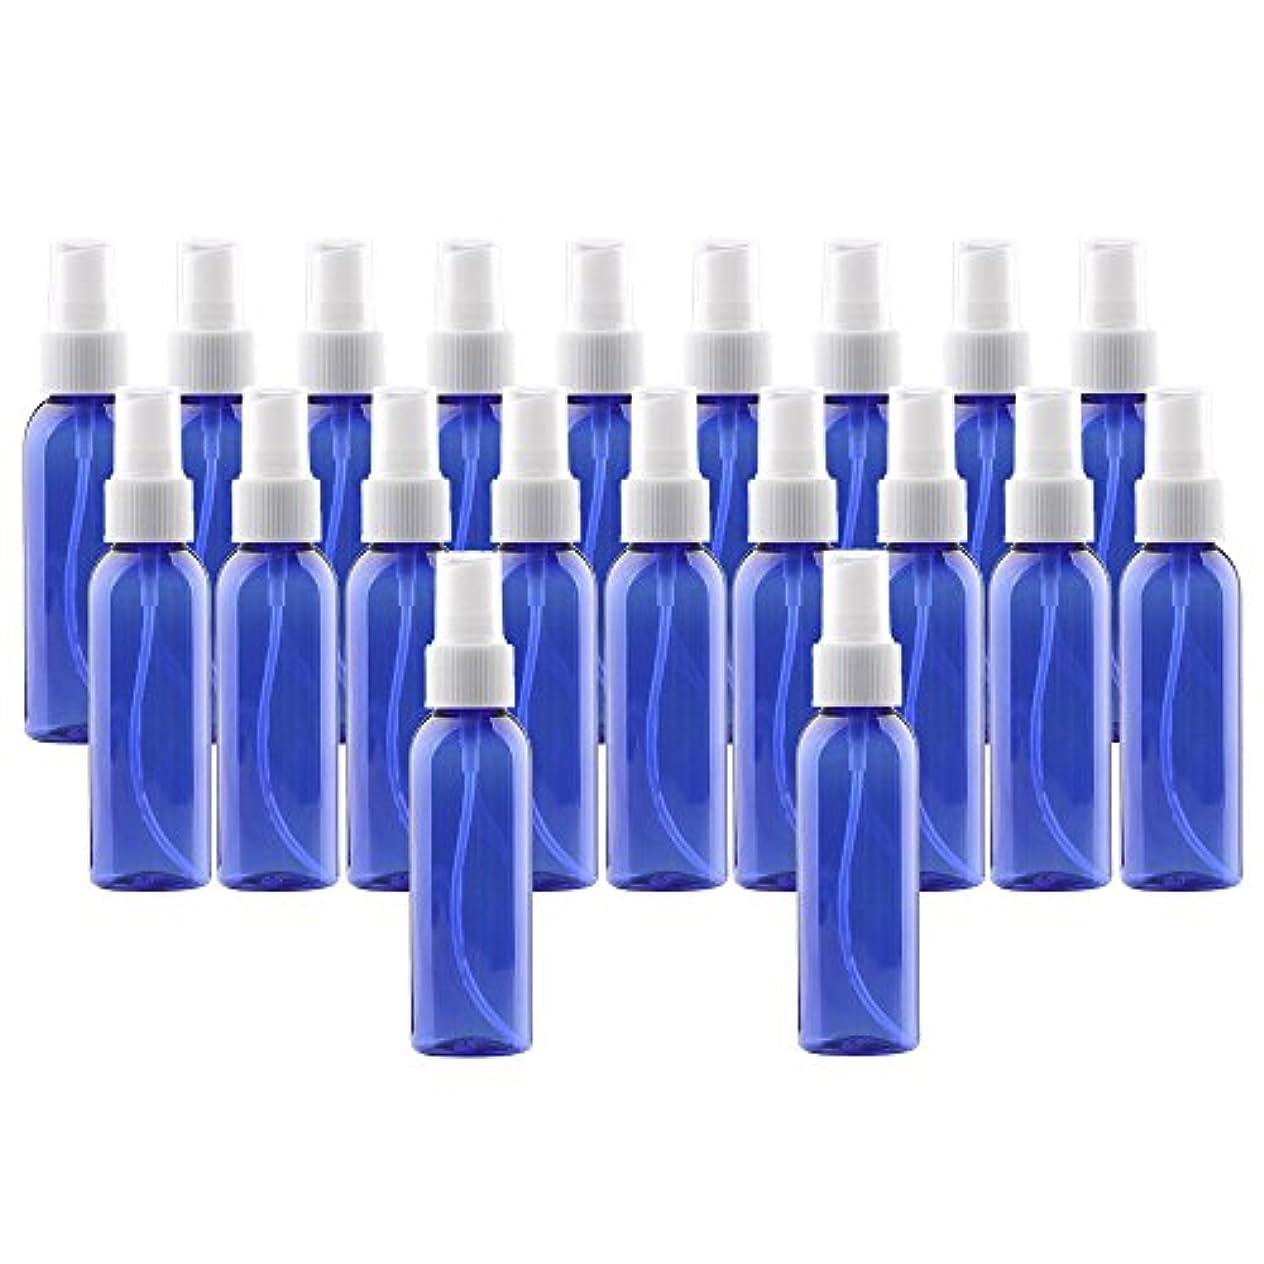 全体に家事をするステージDiystyle 20個セット スプレーボトル 60ml 空容器 香水アトマイザー プラスチック製 詰め替え 化粧品収納 保存容器 ダークブルー